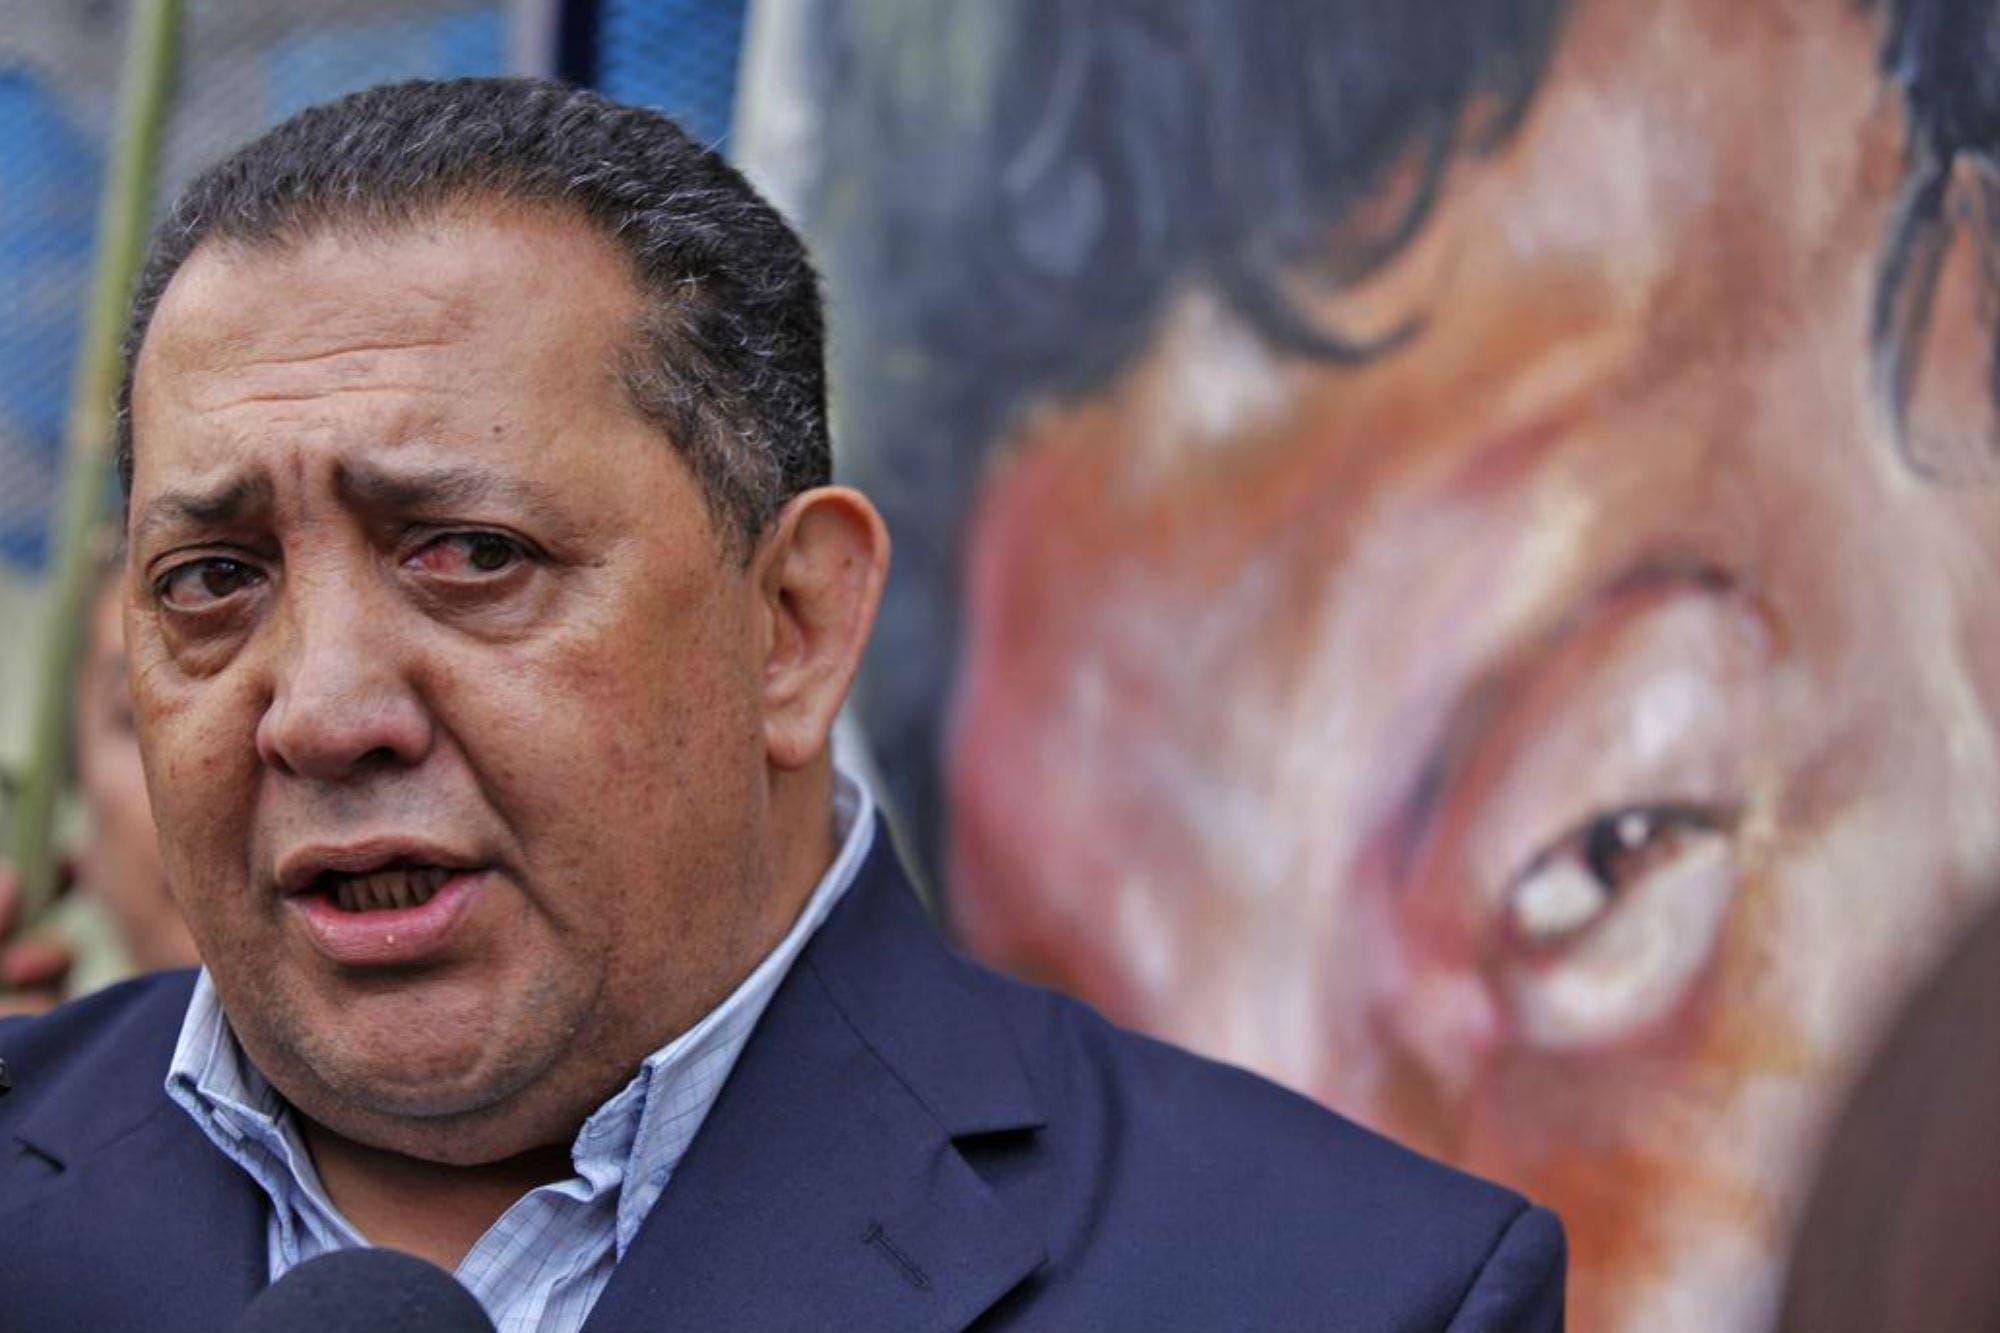 Coronavirus: otorgan la prisión domiciliaria de manera transitoria a Luis D'Elía tras presentar síntomas